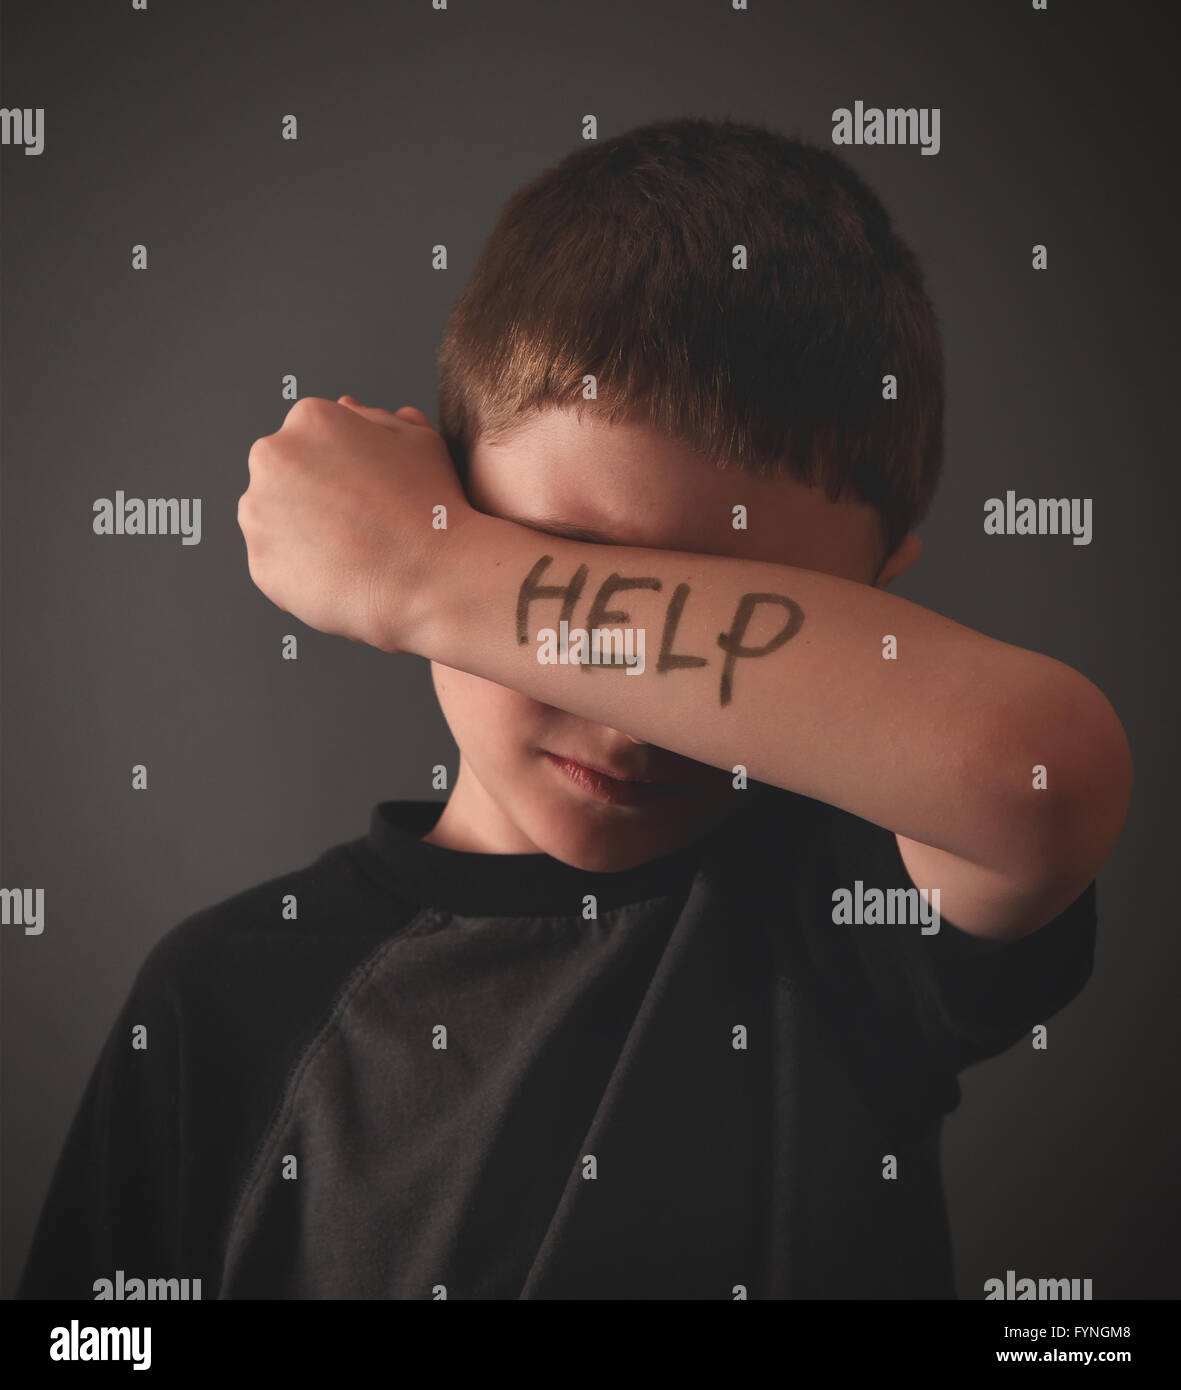 Ein junges Kind verbirgt seine Augen mit einer Nachricht schreiben Hilfe auf seinem Arm für ein soziales Problem, Stockbild